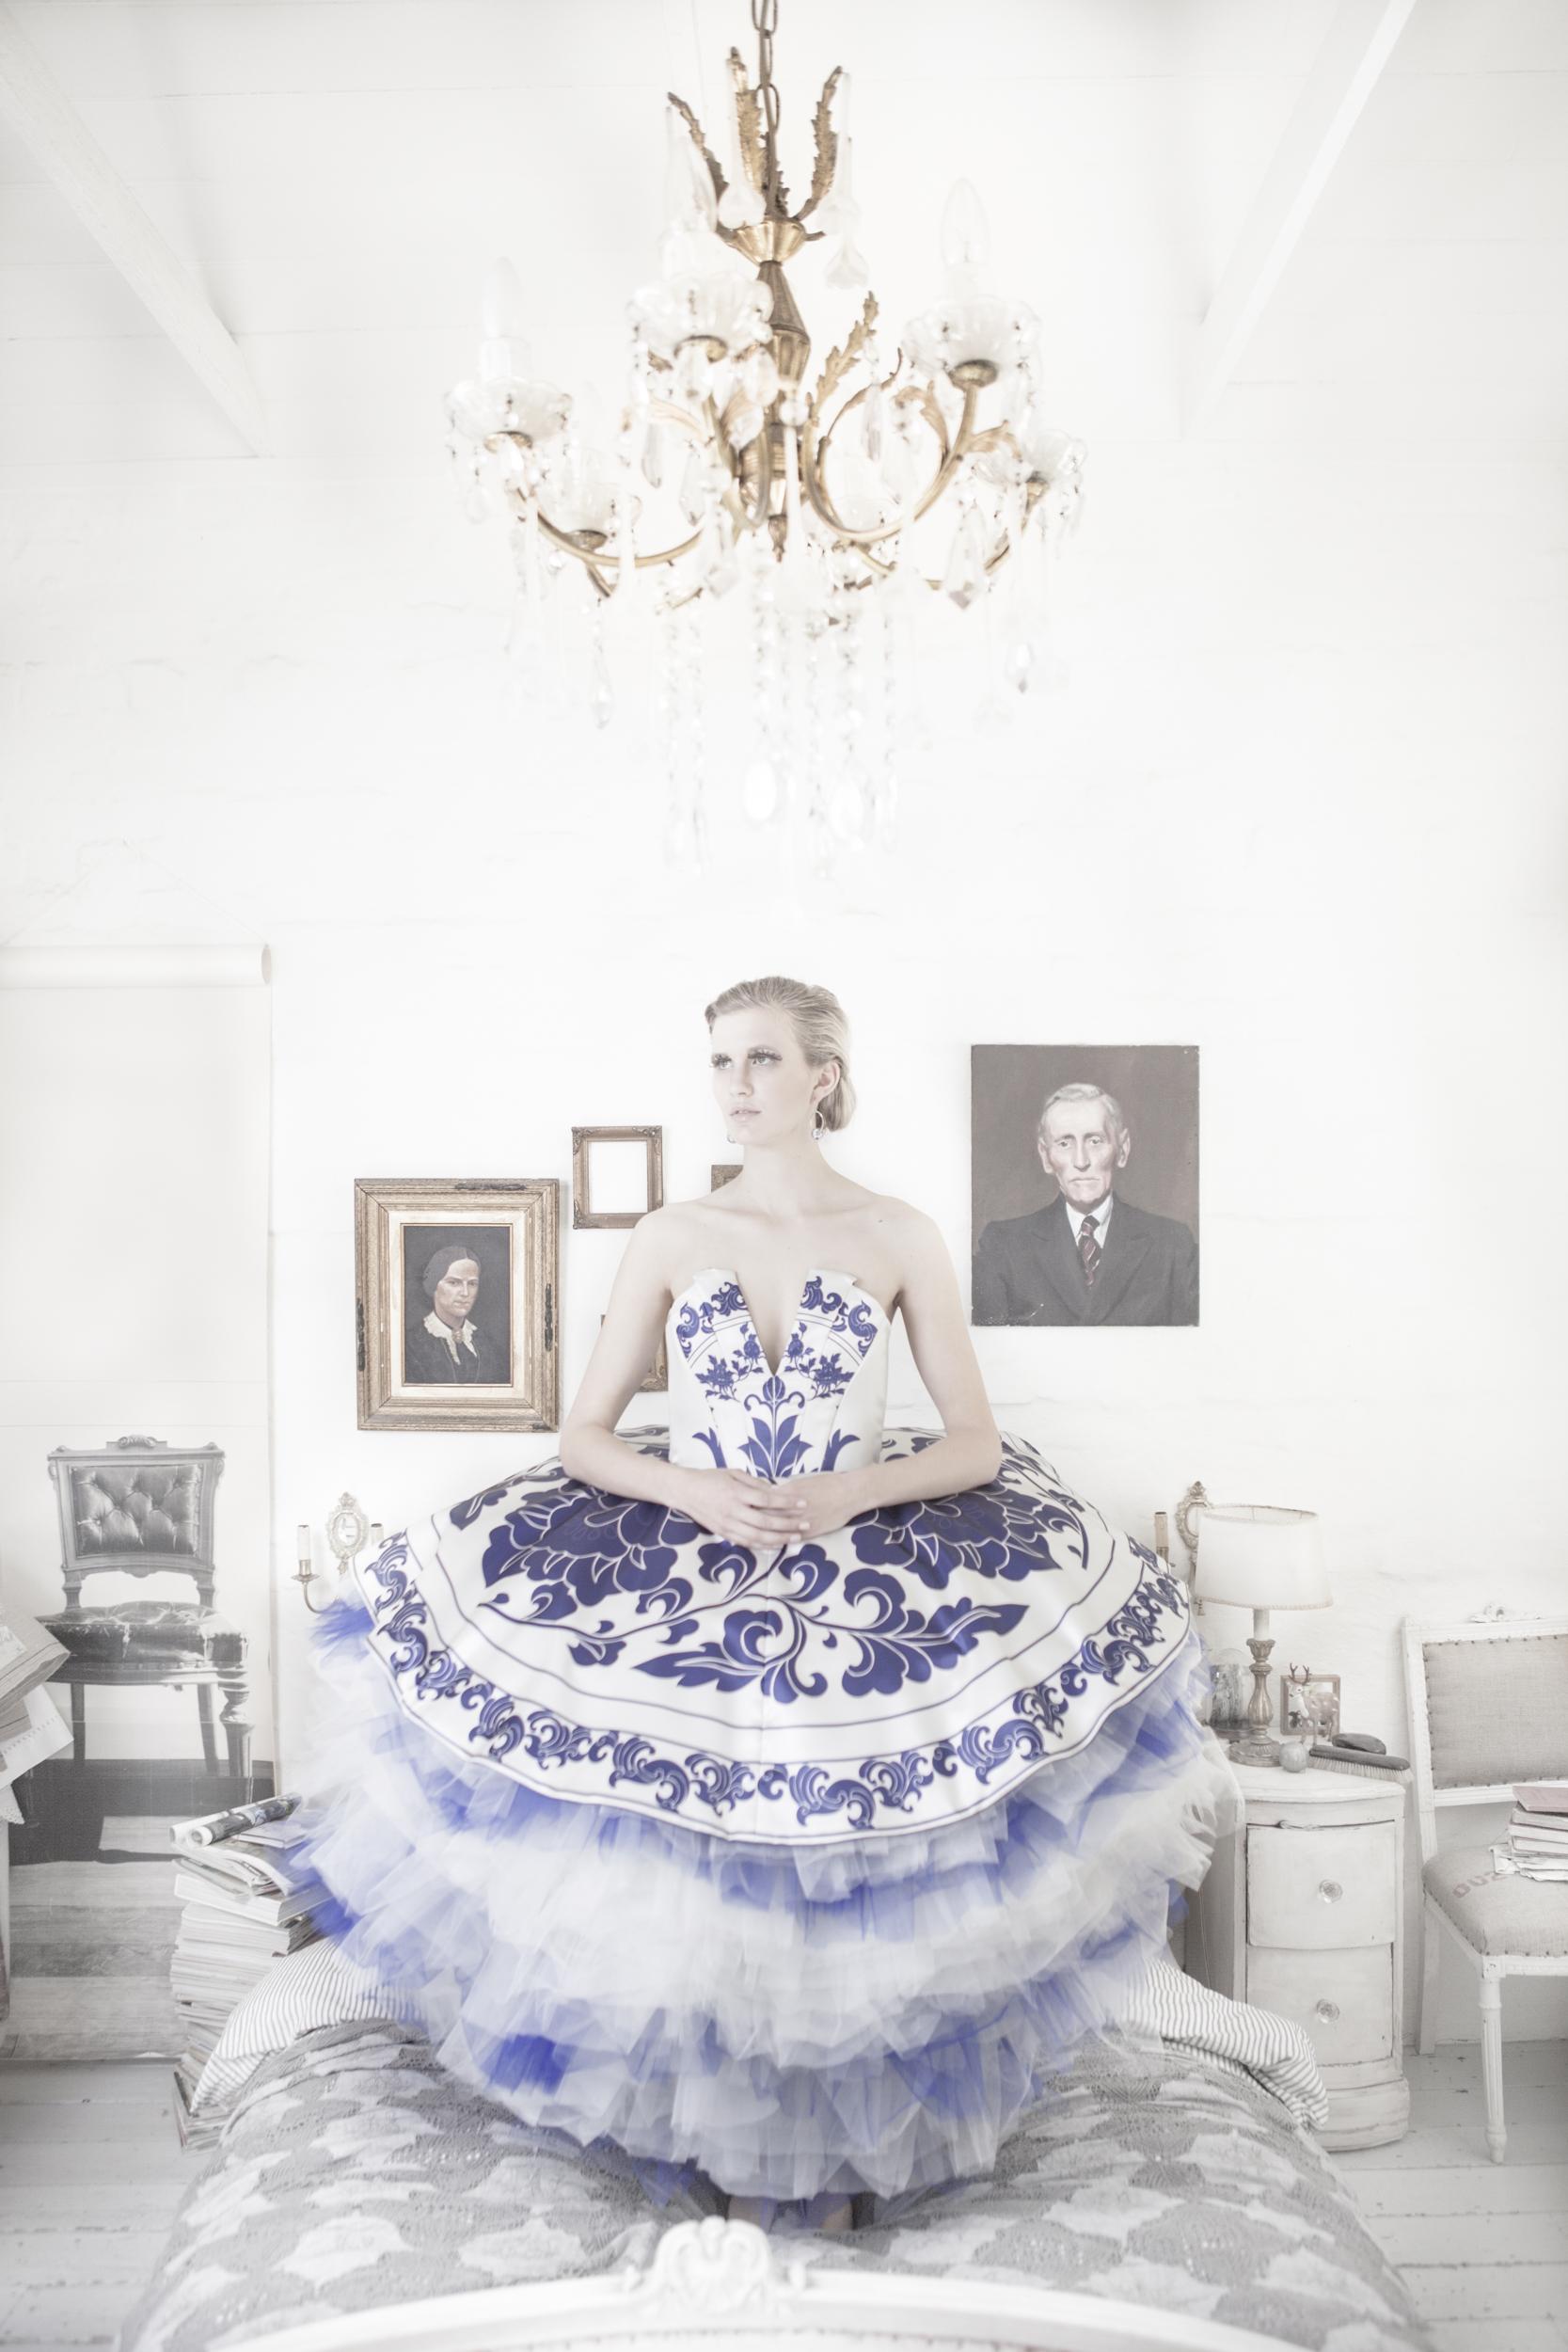 Vikk_Shayen_portfolio_cindyZ_porcelain_wear_9851-2.jpg